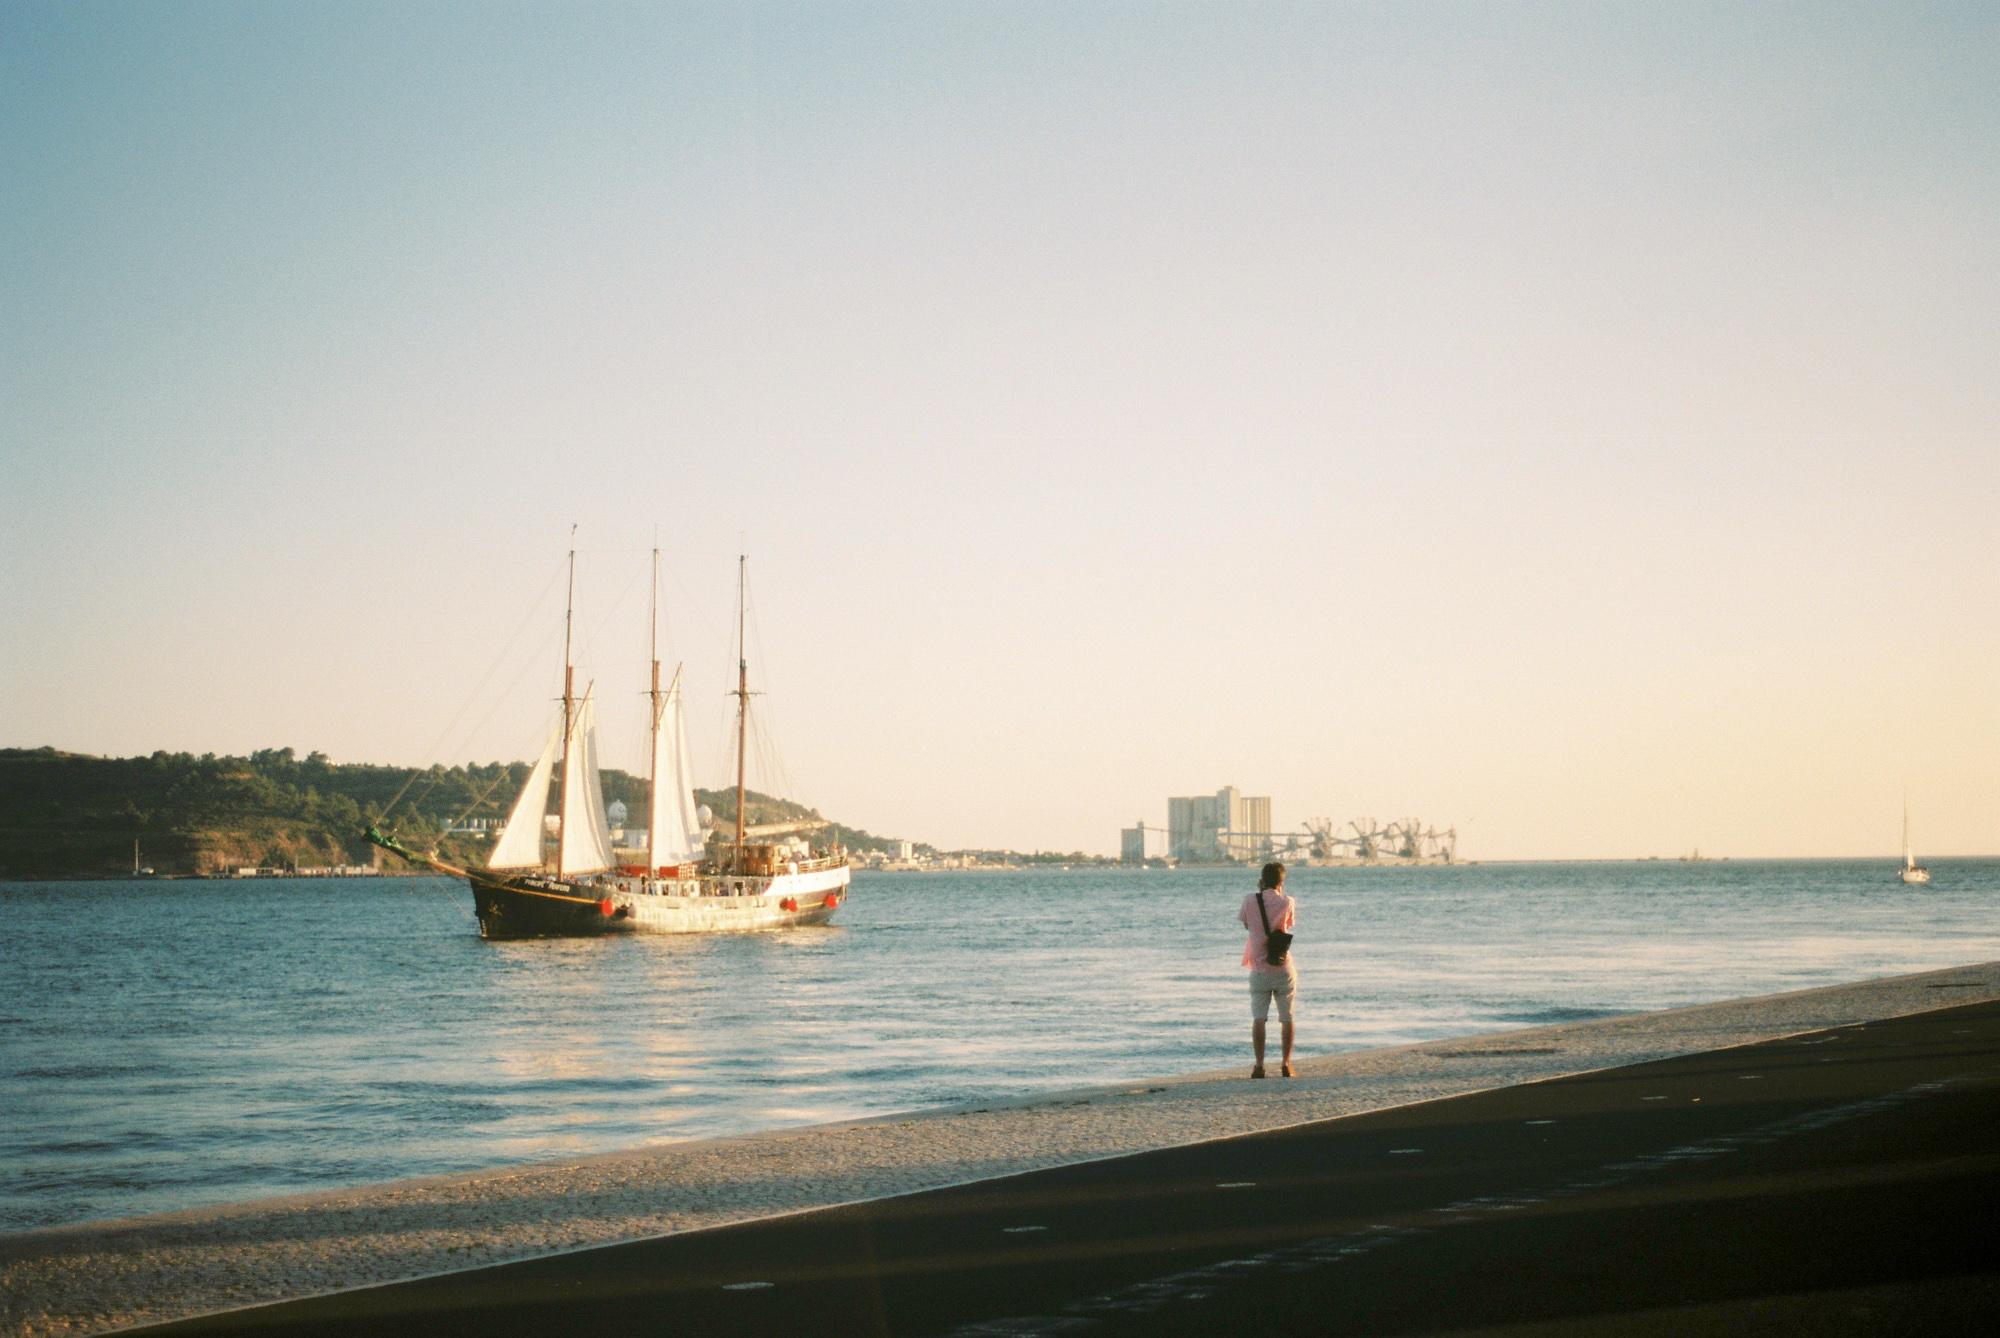 Fotografia-Analogica-Lisboa-Filme-Oceanica-14.jpg